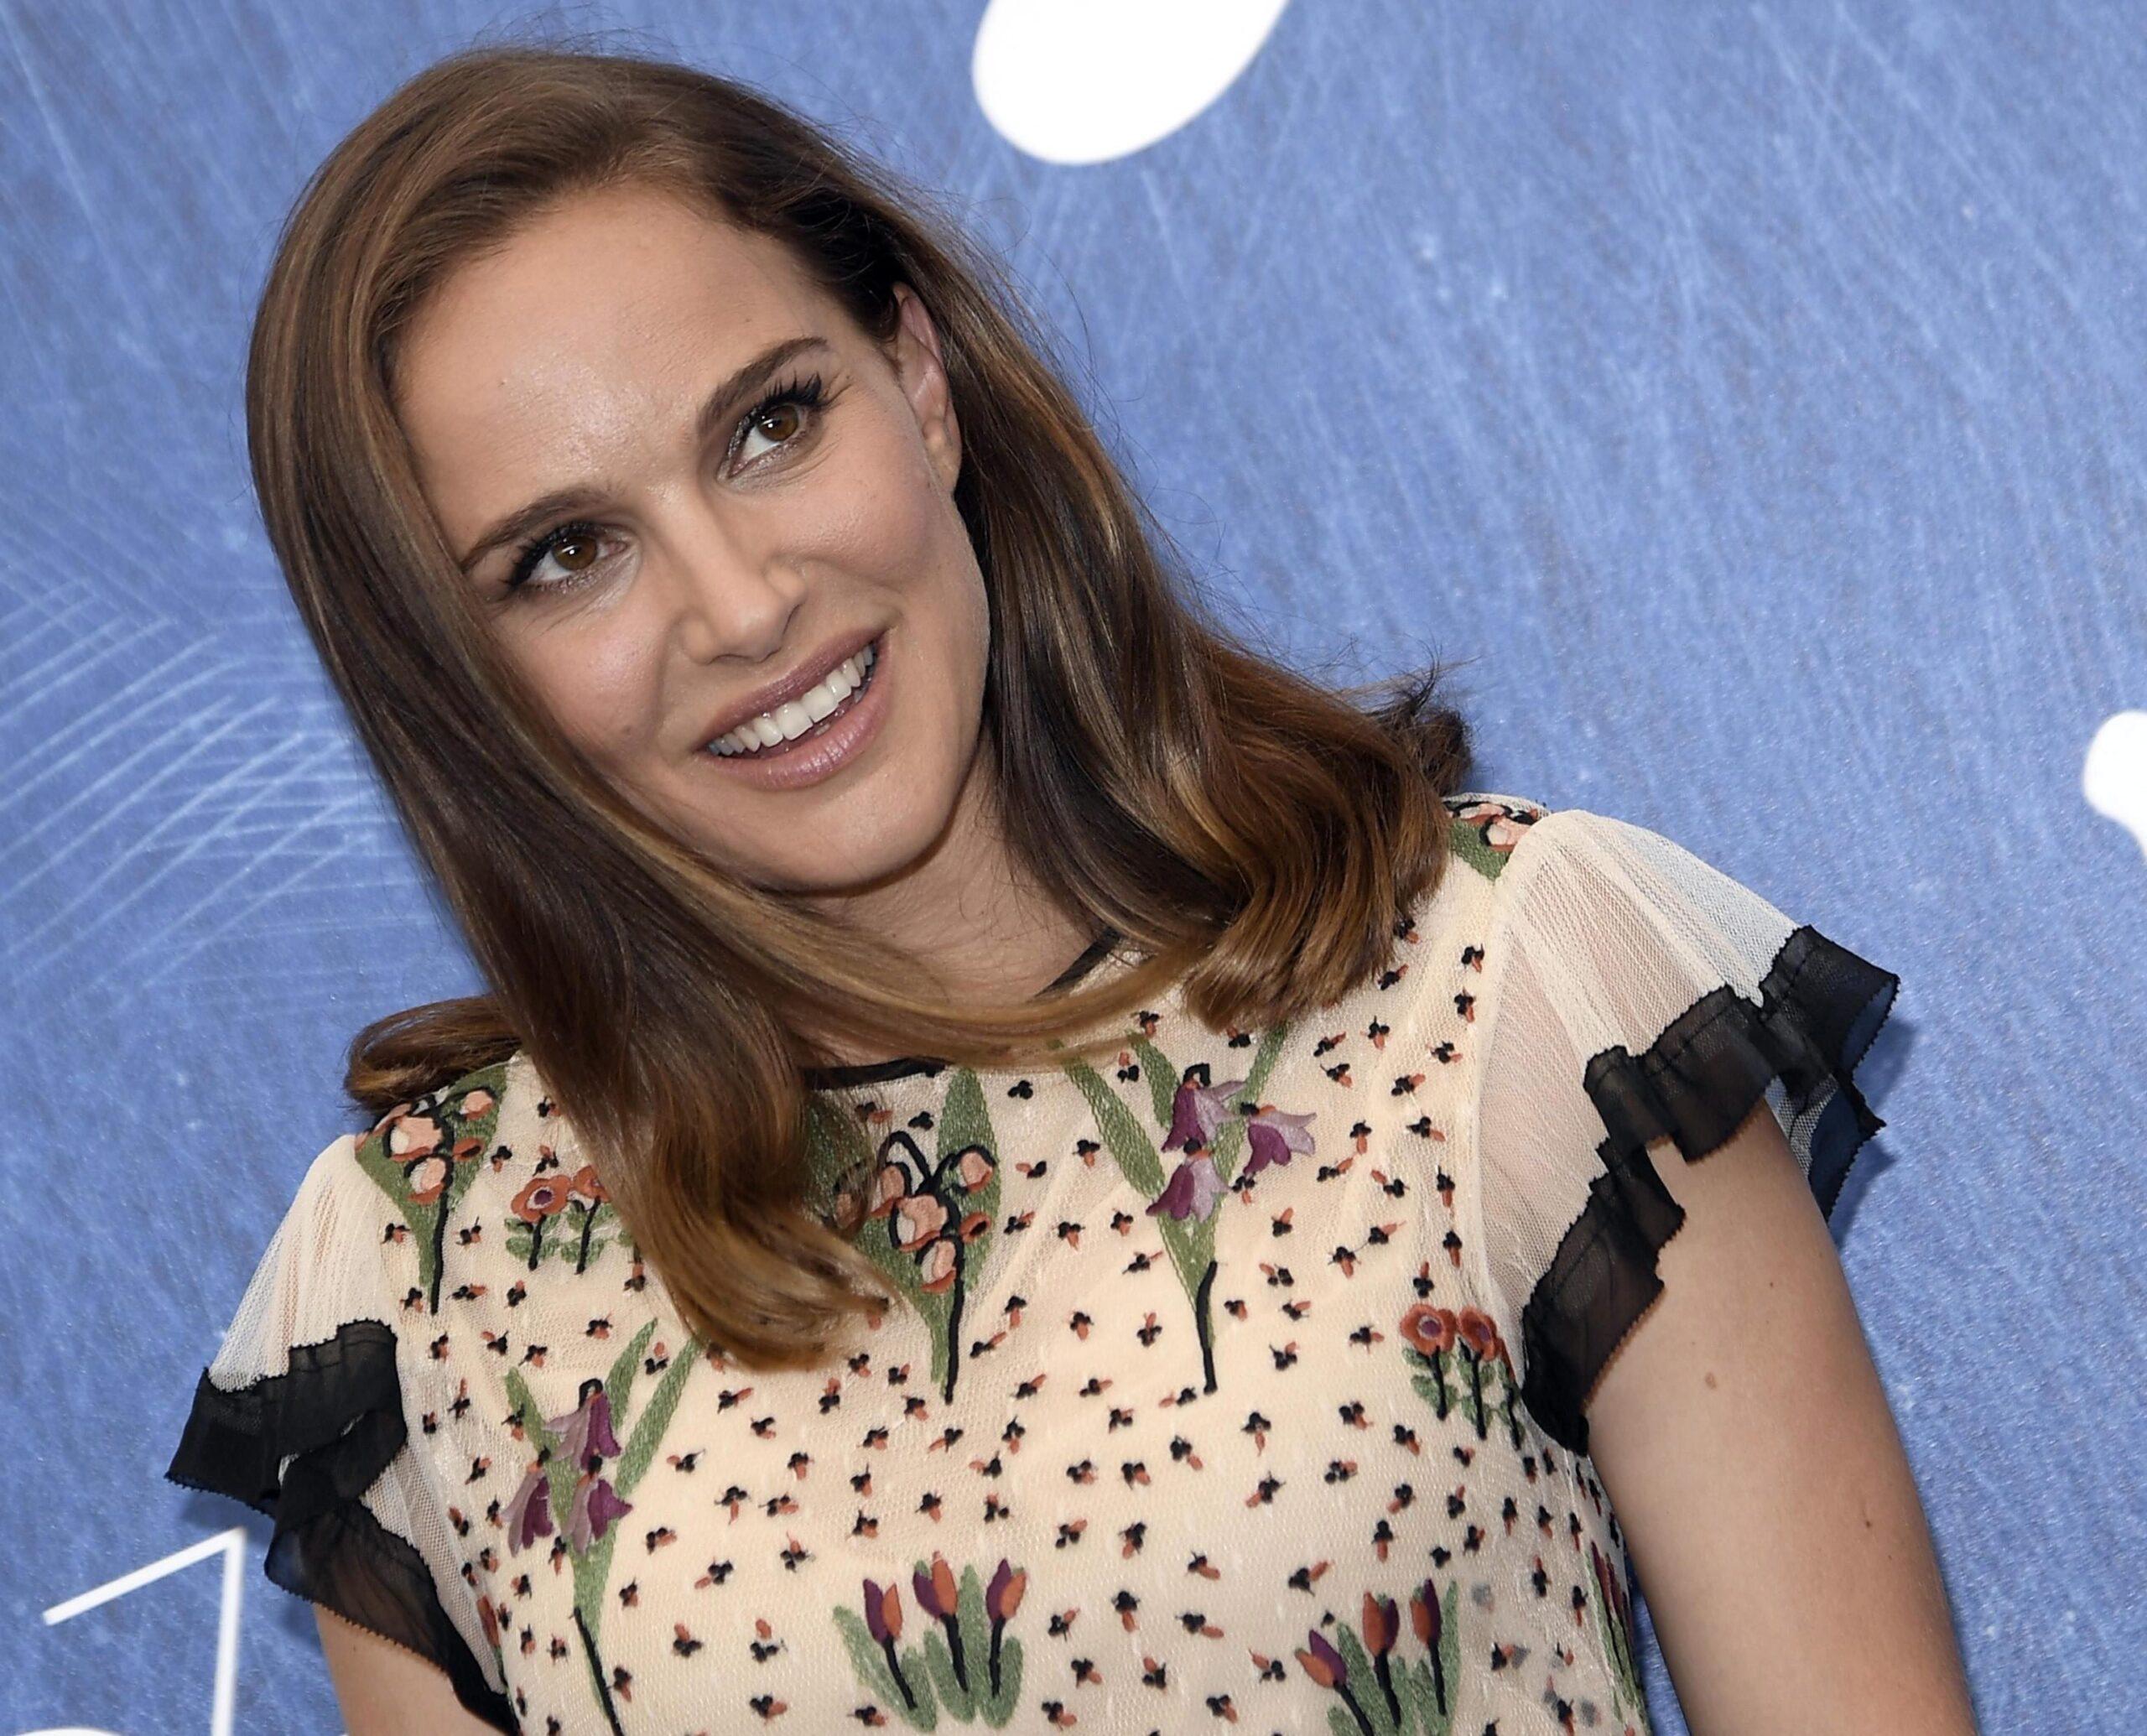 Natalie Portman nem értékelte a terhességéről szóló pletykákat